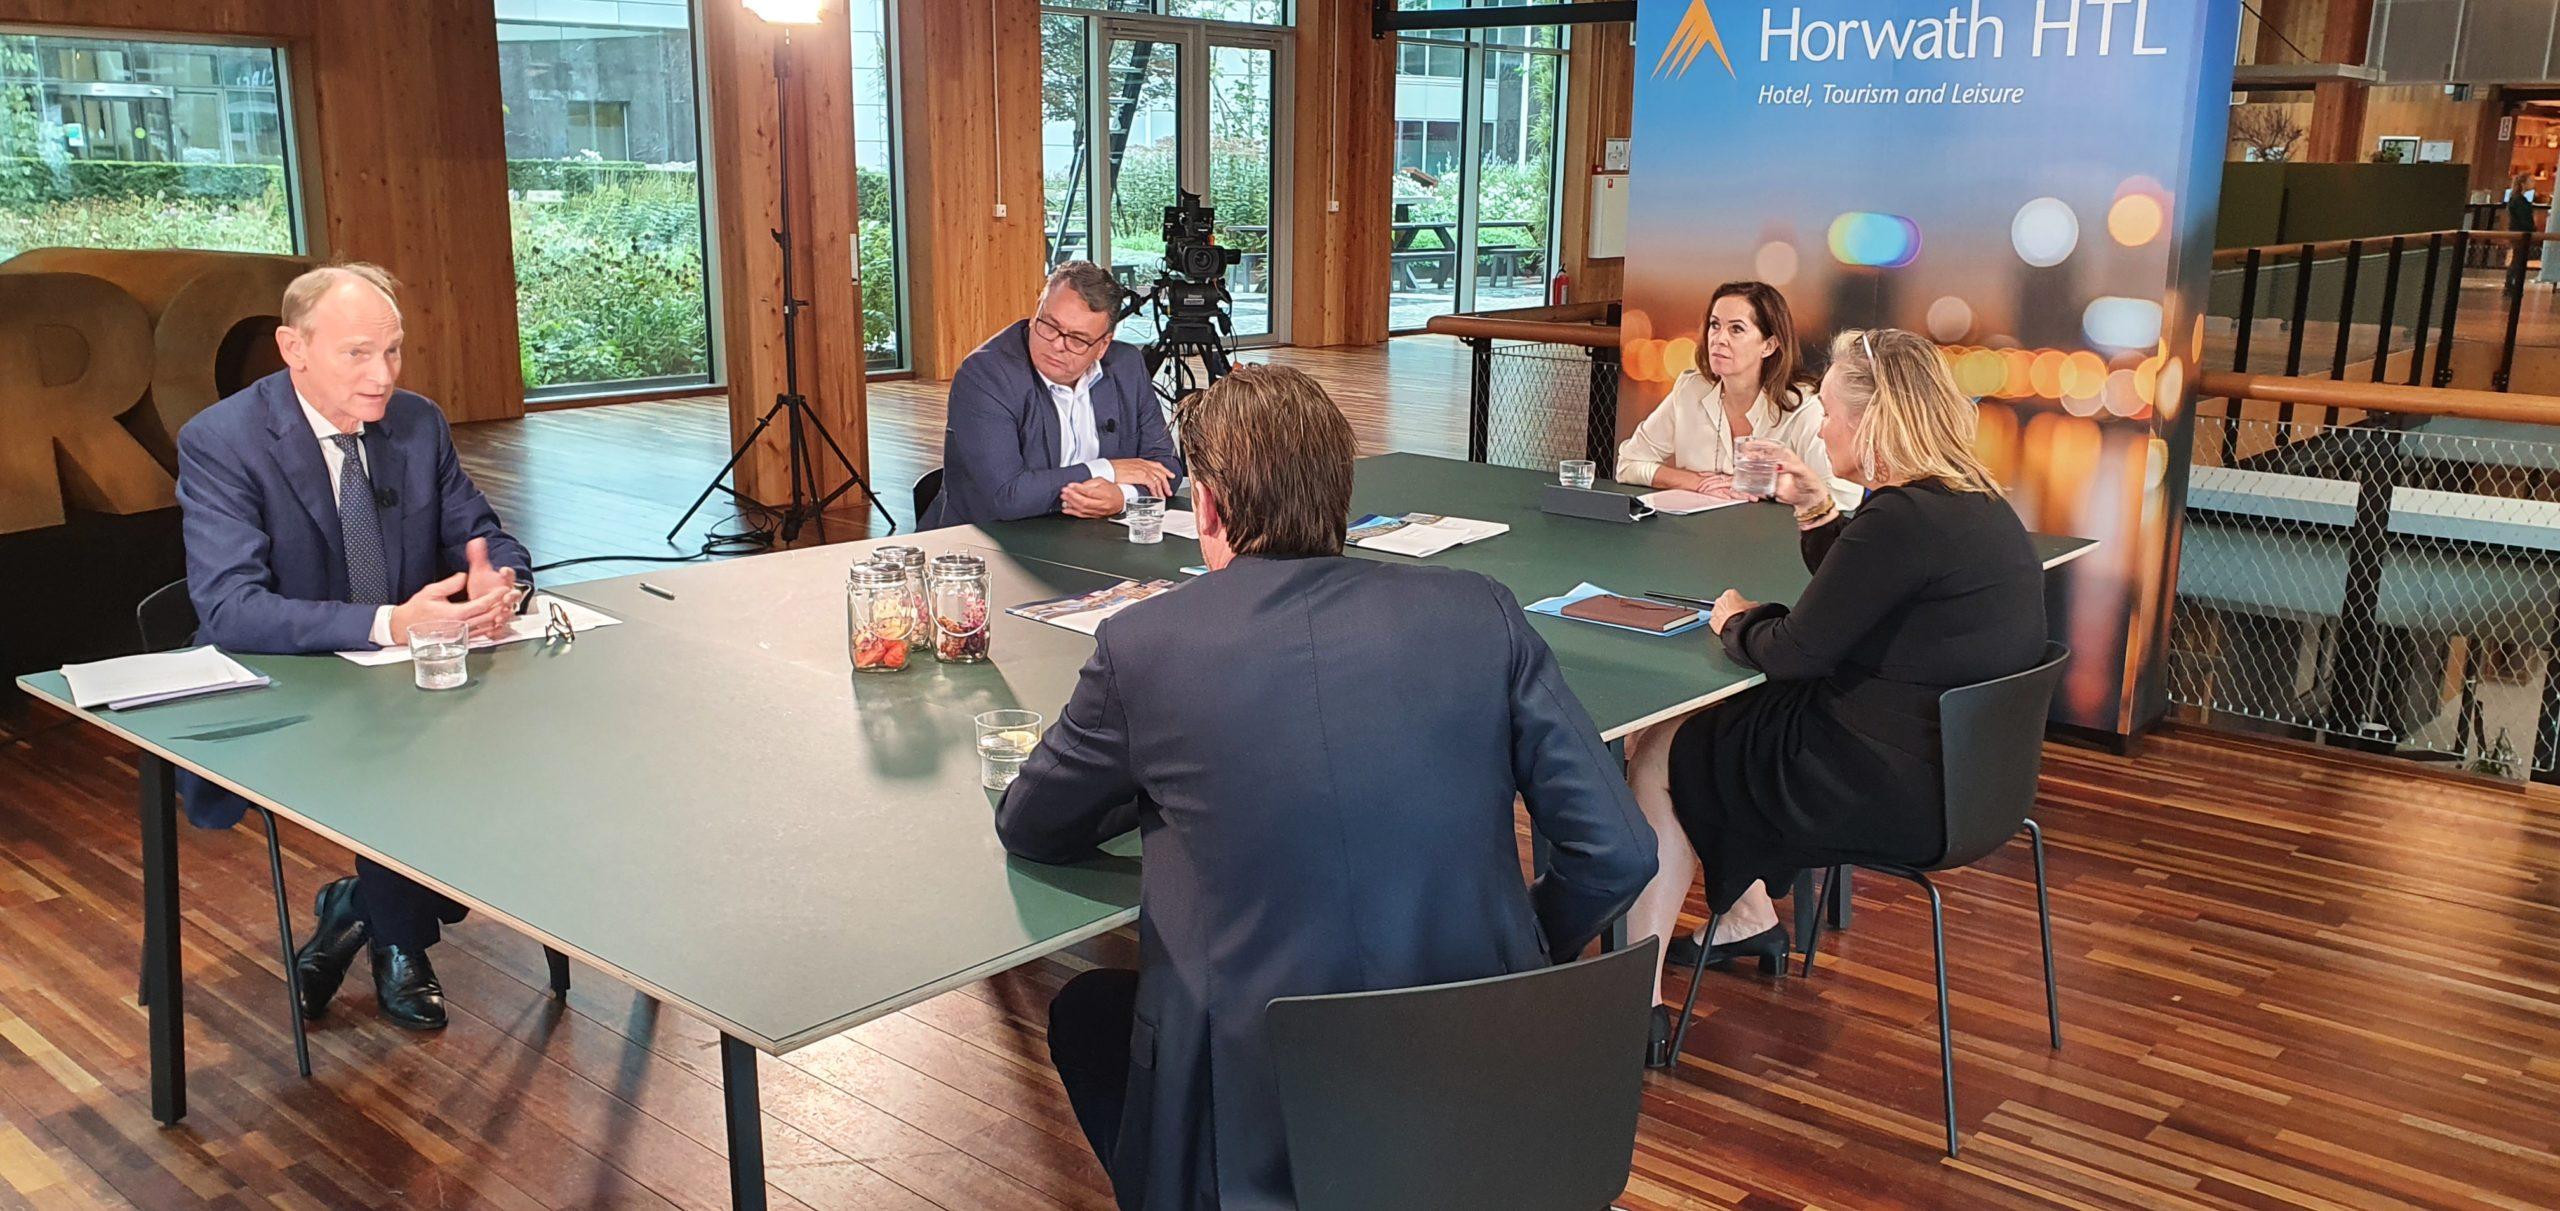 Terugkijken: Horwath HTL Hotel Event